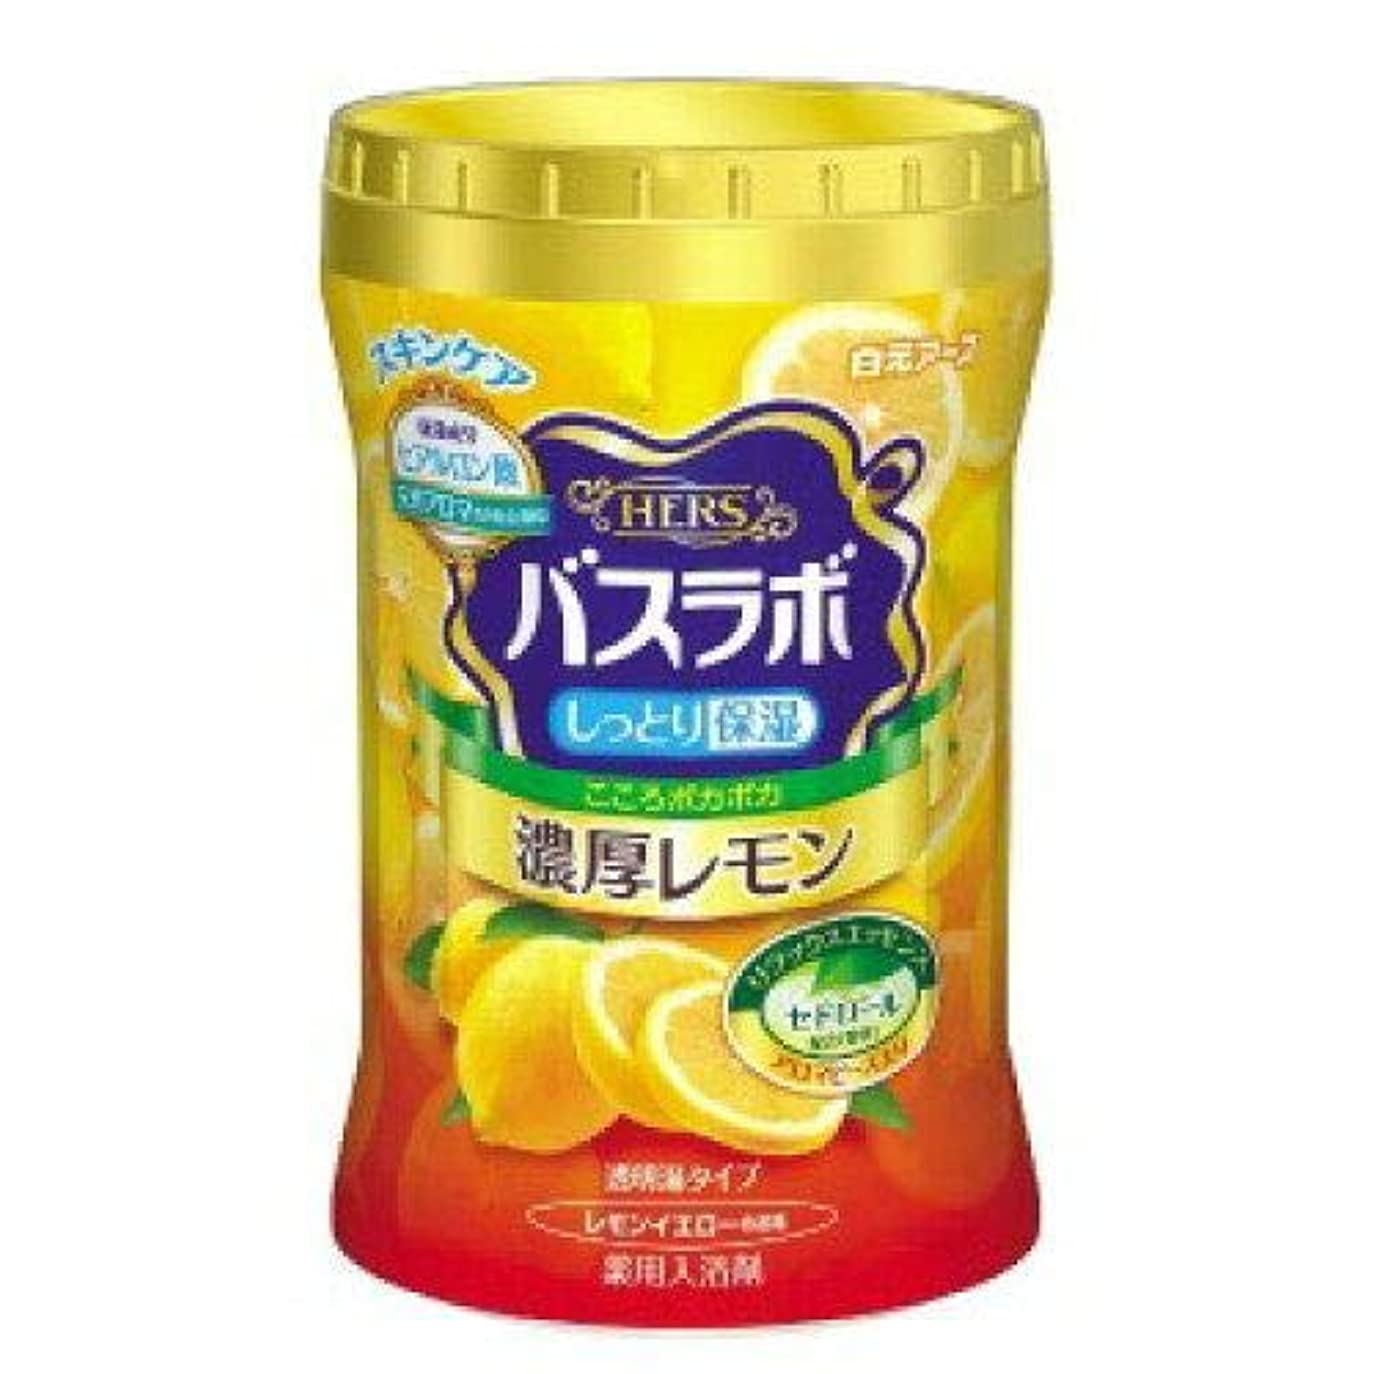 軍純正和バスラボボトル濃厚レモン640g